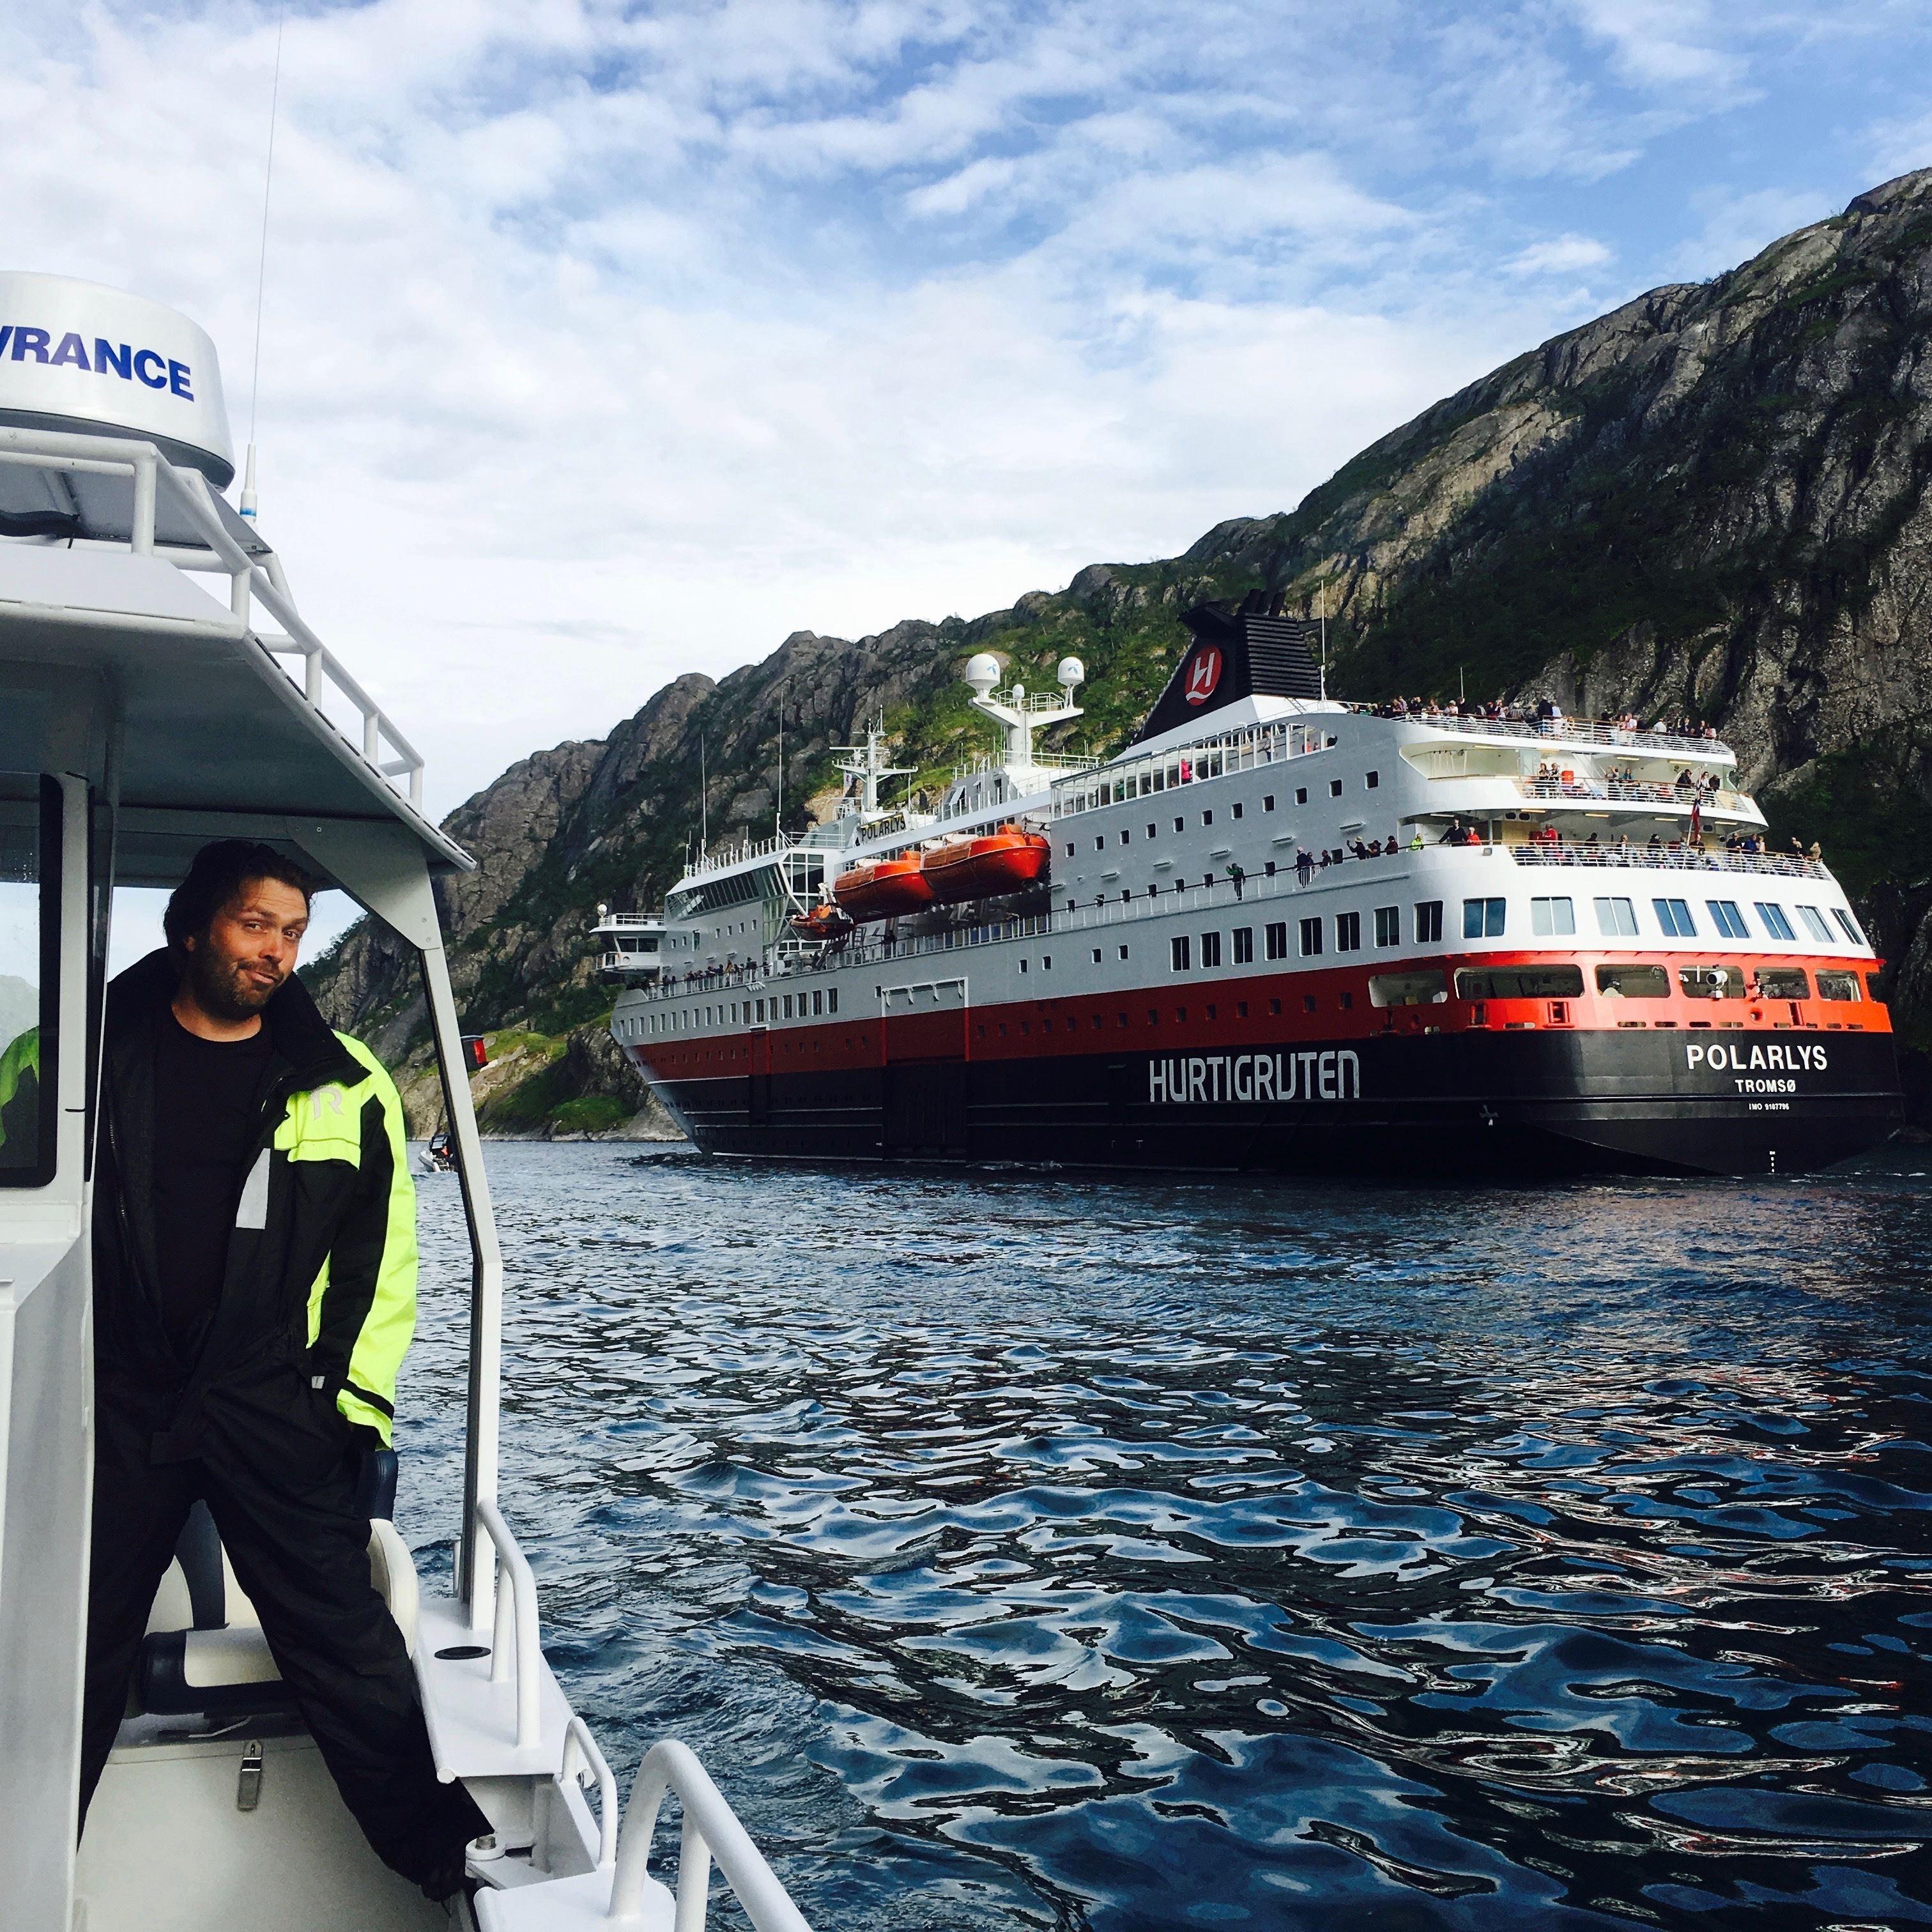 © Wild Seas, Trollfjord & Villmarks Cruise (Valgfritt Guidet Fottur)